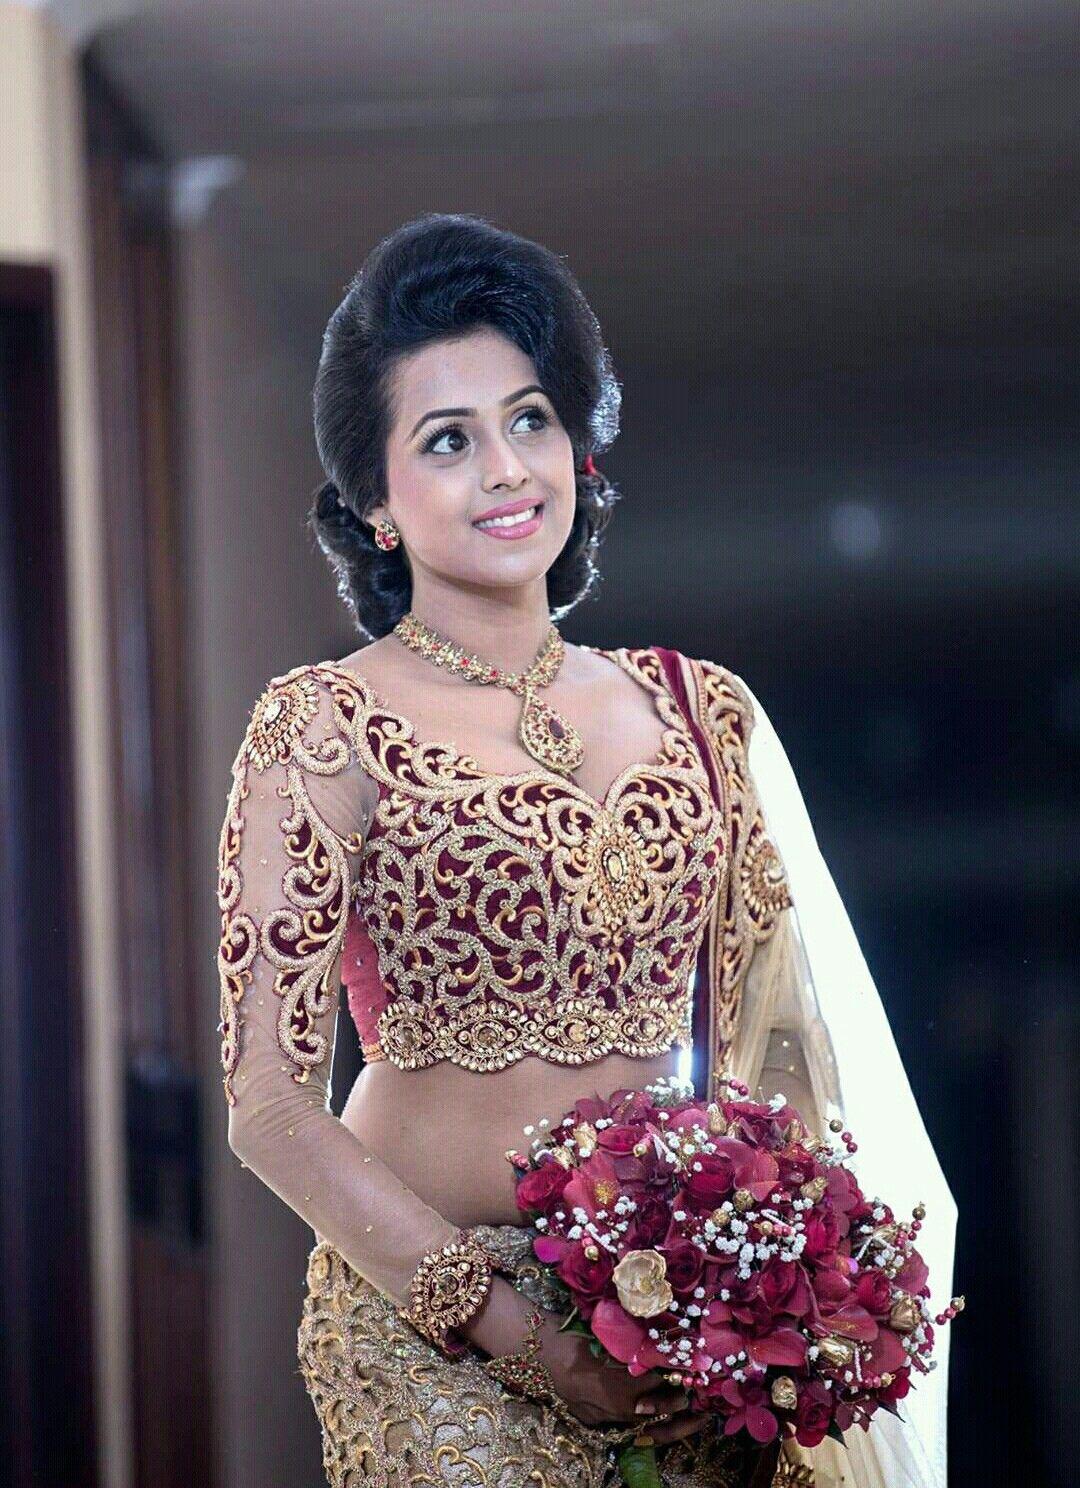 Pin von Yashodara Rathnathilaka auf 2nd day Brides | Pinterest